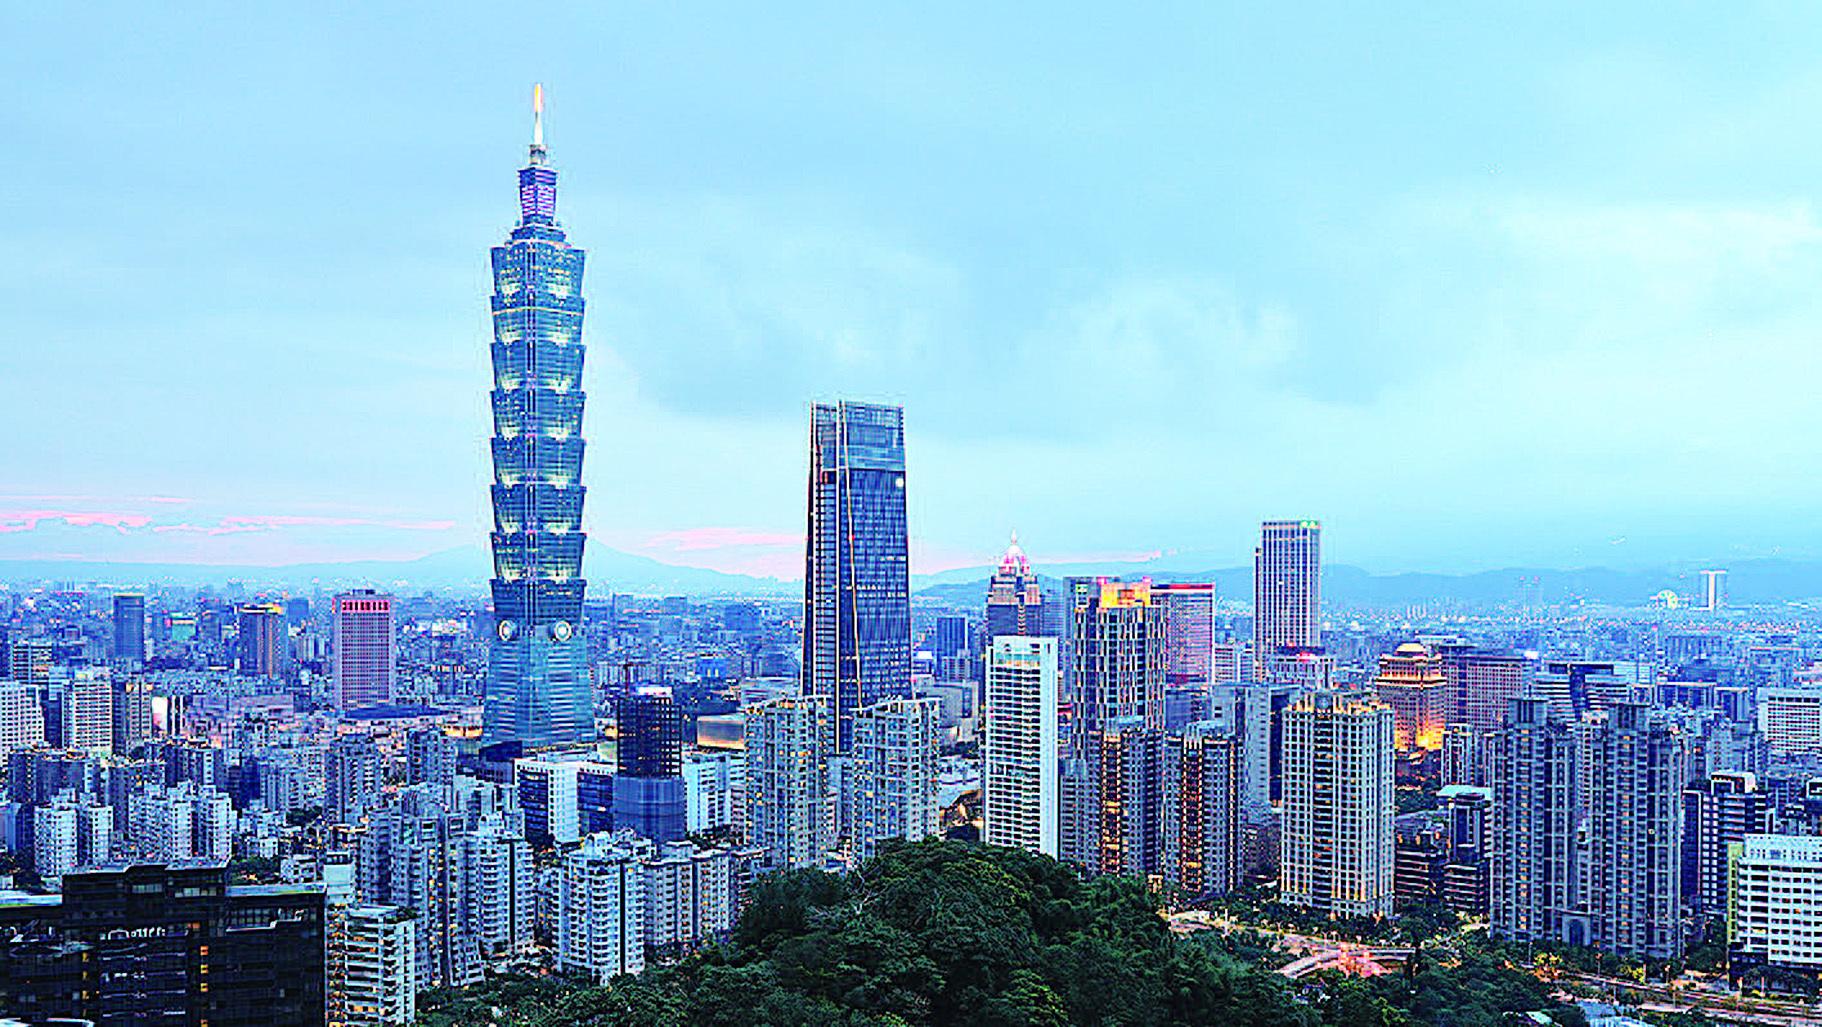 中共官員在黨文化思維的框限下,無法真正理解中共與中華民國的差異。圖為台北101 大廈。(Getty Images)